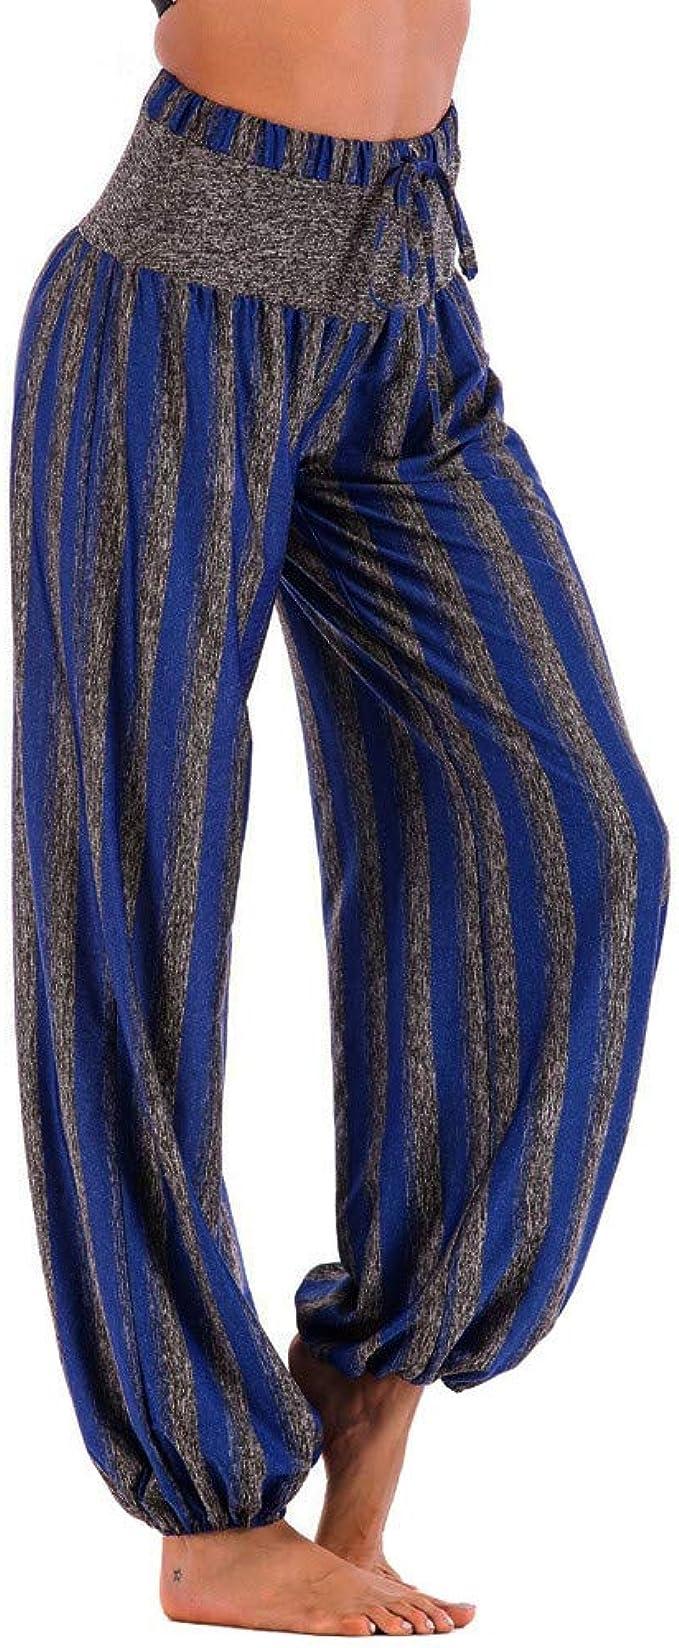 Amazon.com: OTTATAT Pantalones de yoga para mujeres, hombres ...